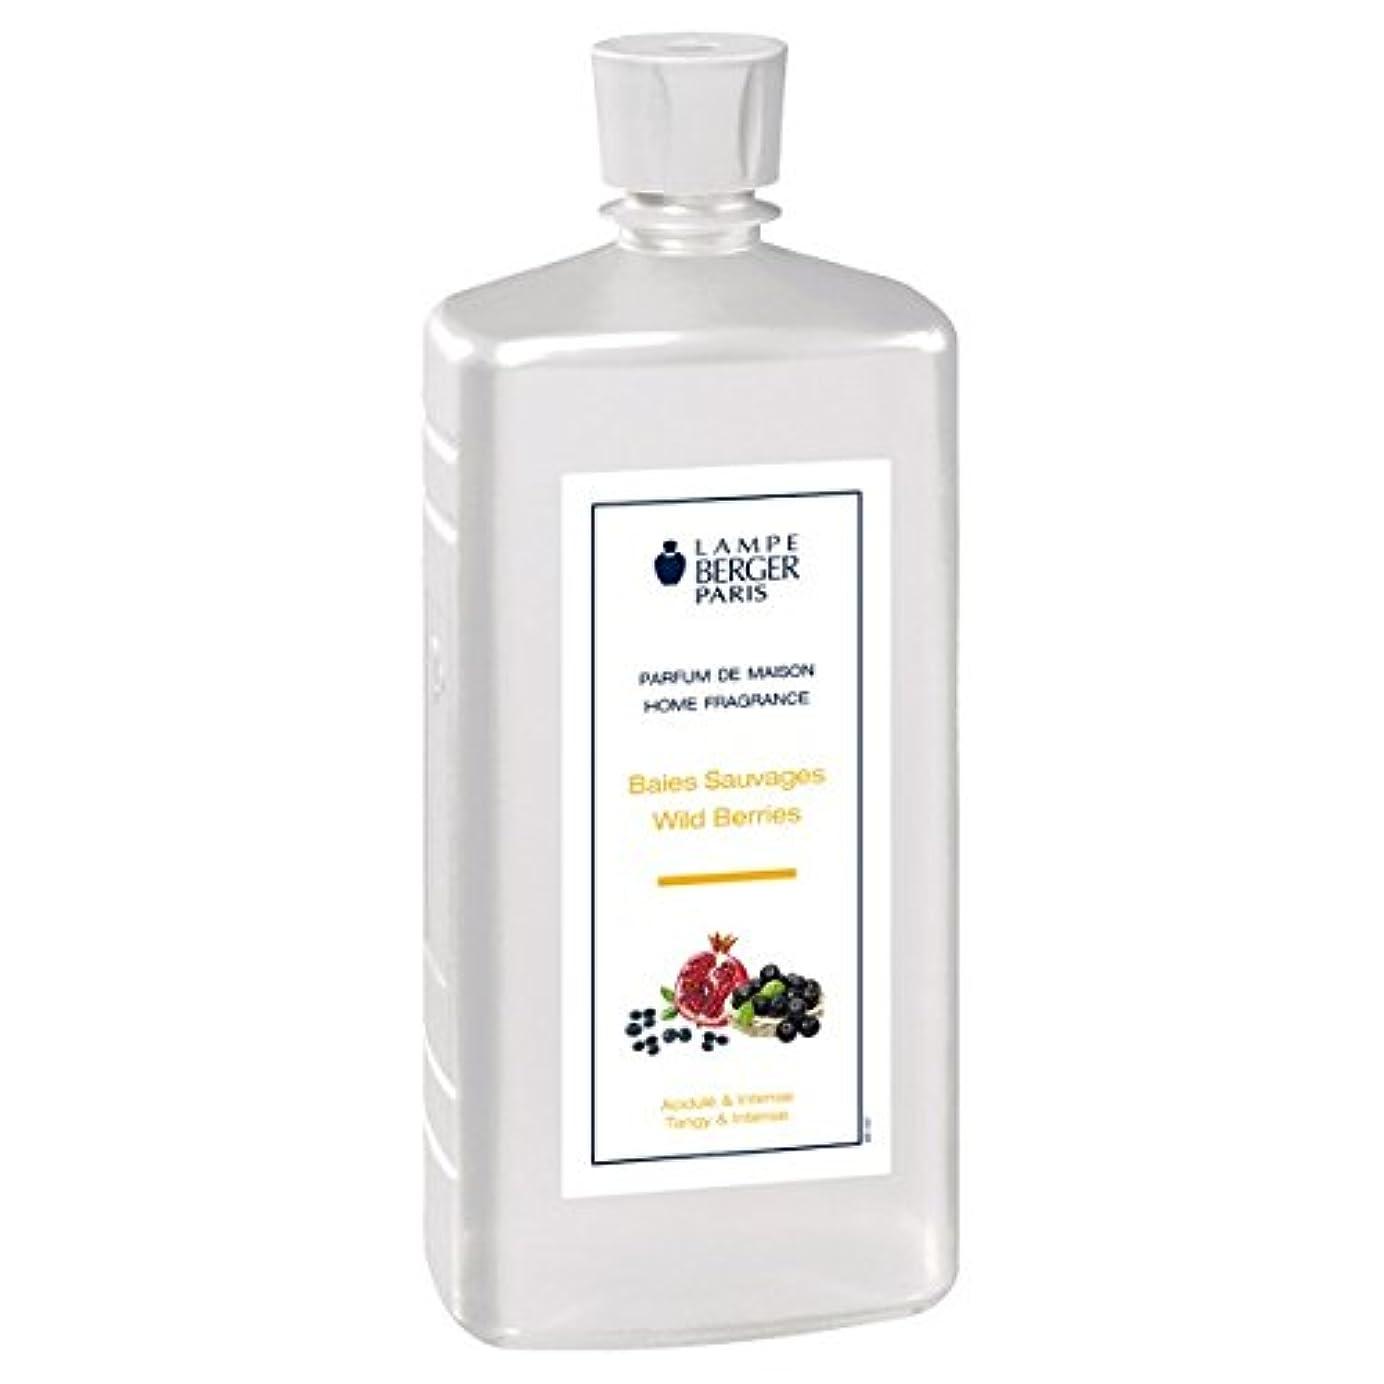 蒸発試み苦ランプベルジェパリ直輸入パフュームアロマオイル1Lワイルドベリーズの香り(甘いリキュールの香りがアクセントでラストのレッドドラゴンフルーツやムスクなどの優しいハーモニーの香り